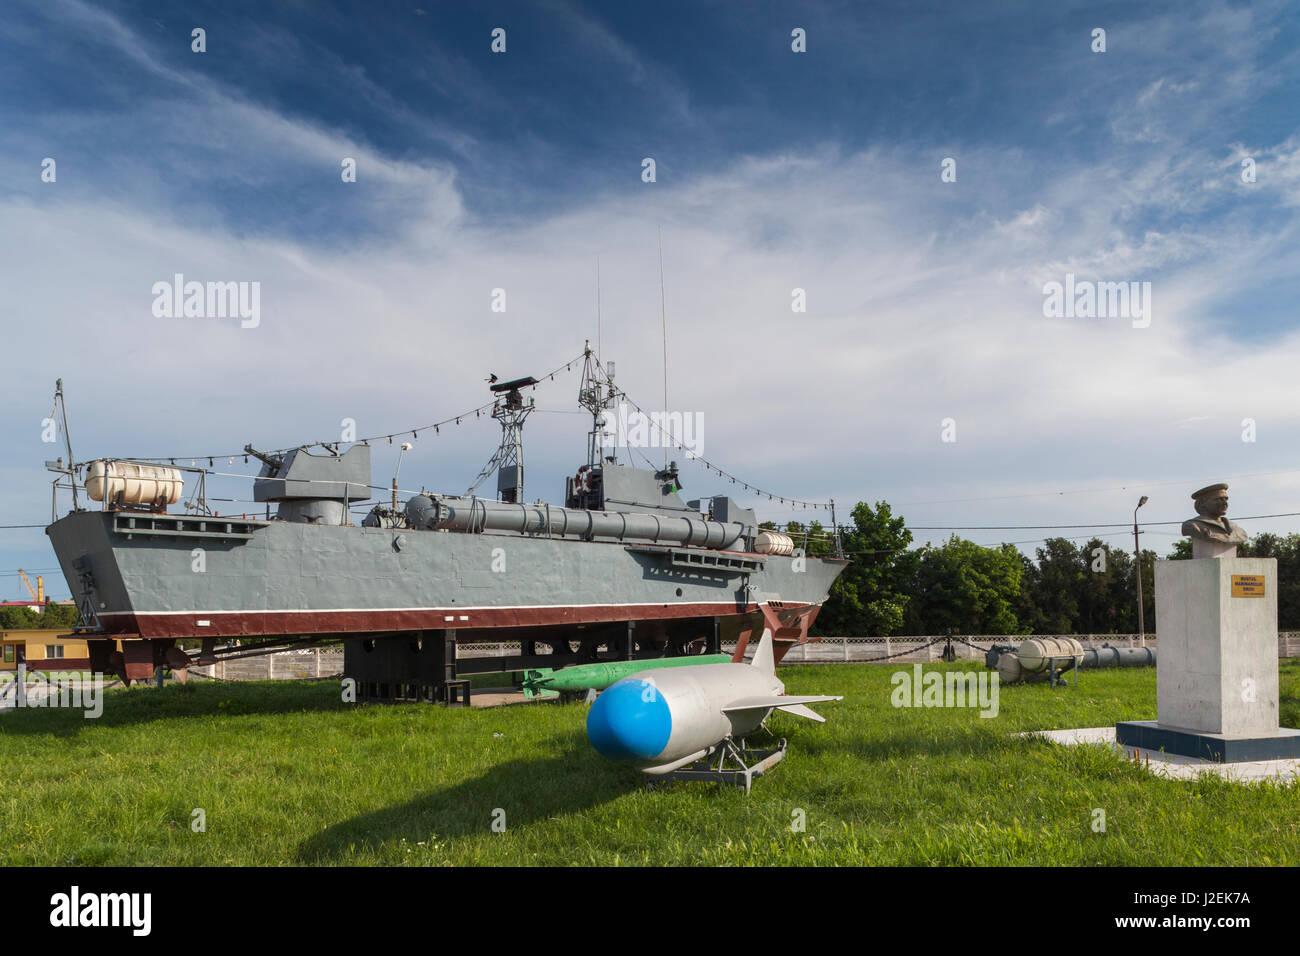 Romania, Black Sea Coast, Mangalia, naval patrol boat on display - Stock Image